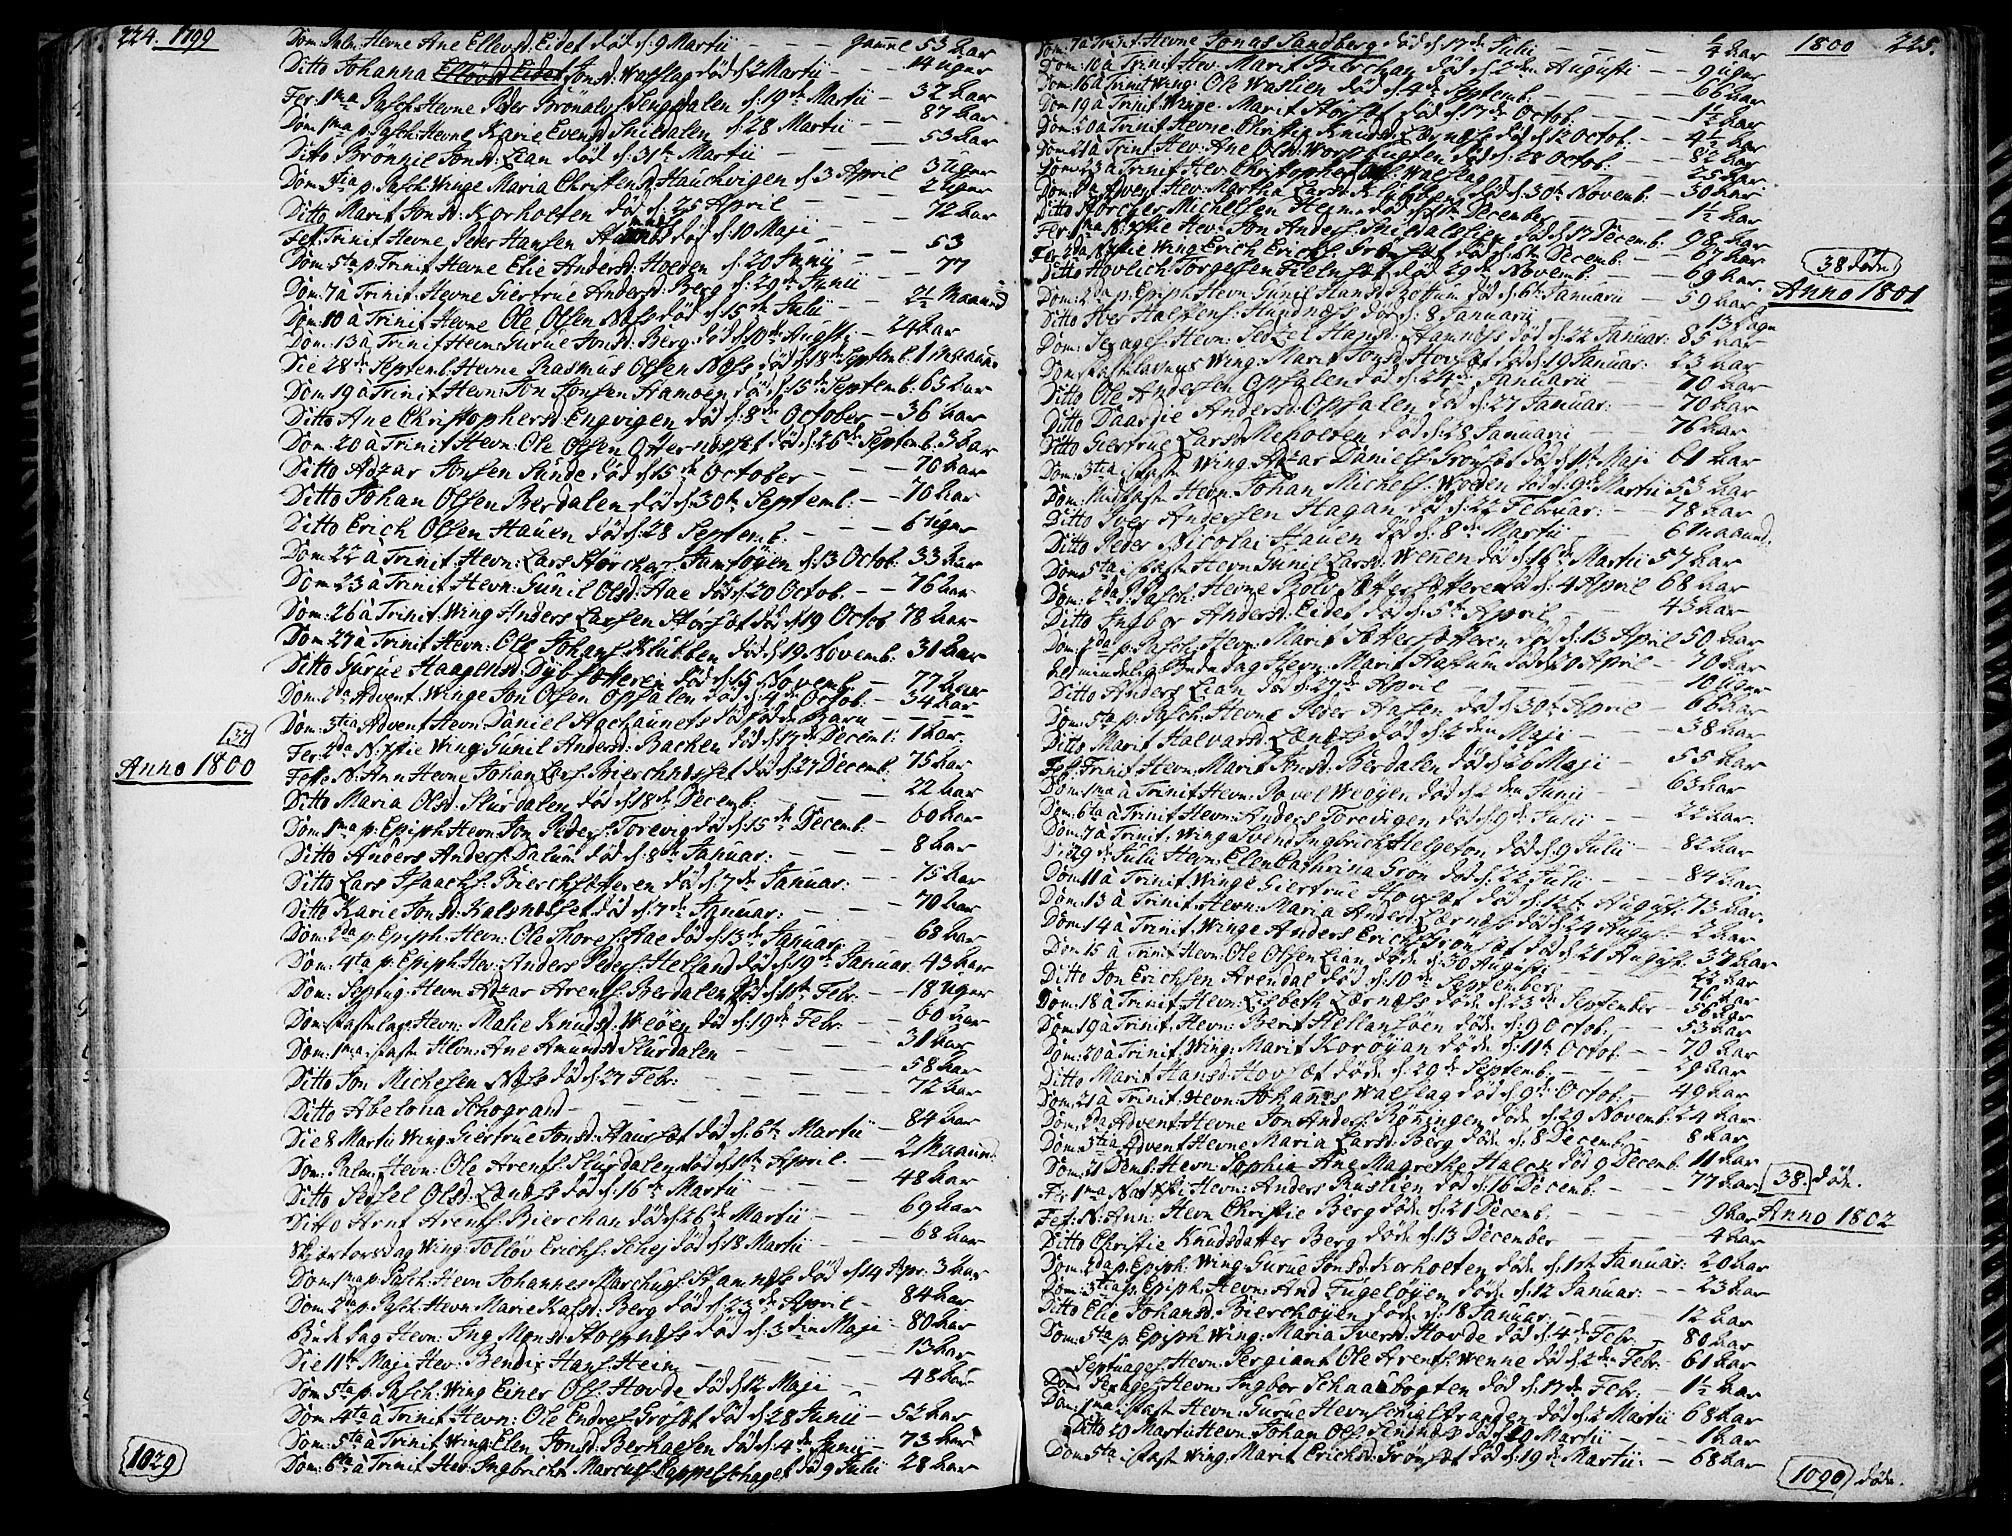 SAT, Ministerialprotokoller, klokkerbøker og fødselsregistre - Sør-Trøndelag, 630/L0490: Ministerialbok nr. 630A03, 1795-1818, s. 224-225